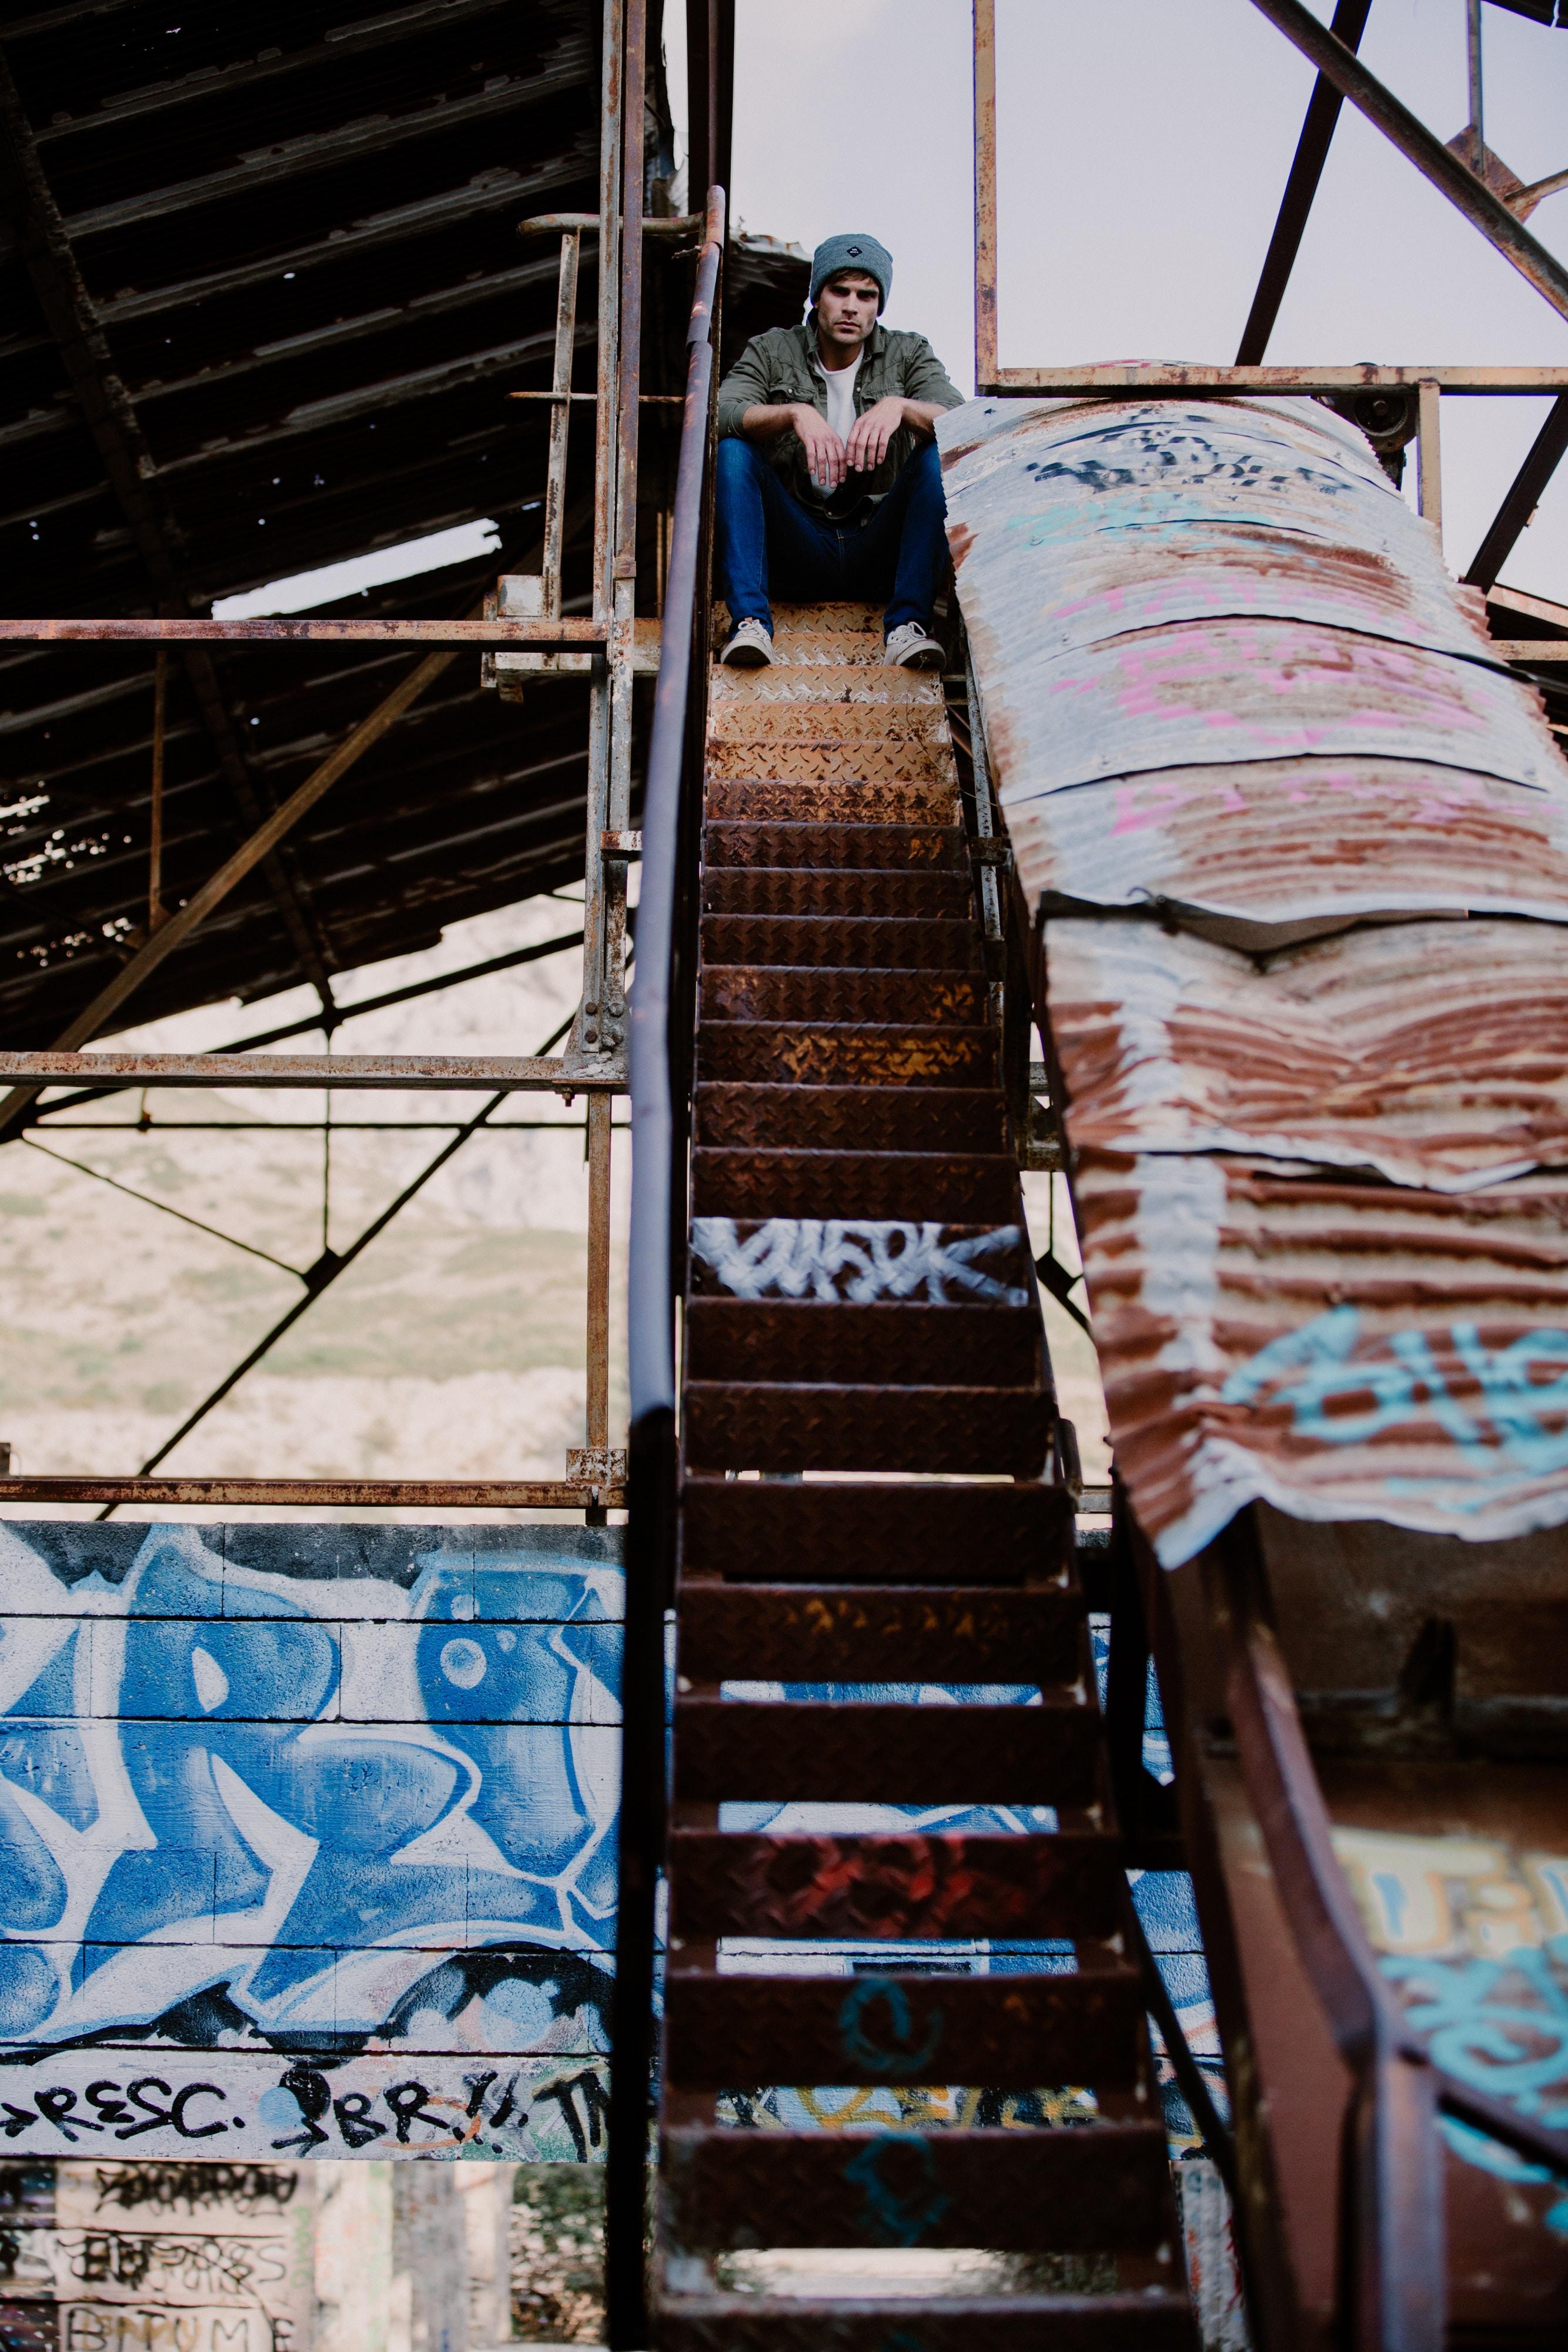 man sitting on stair during daytime